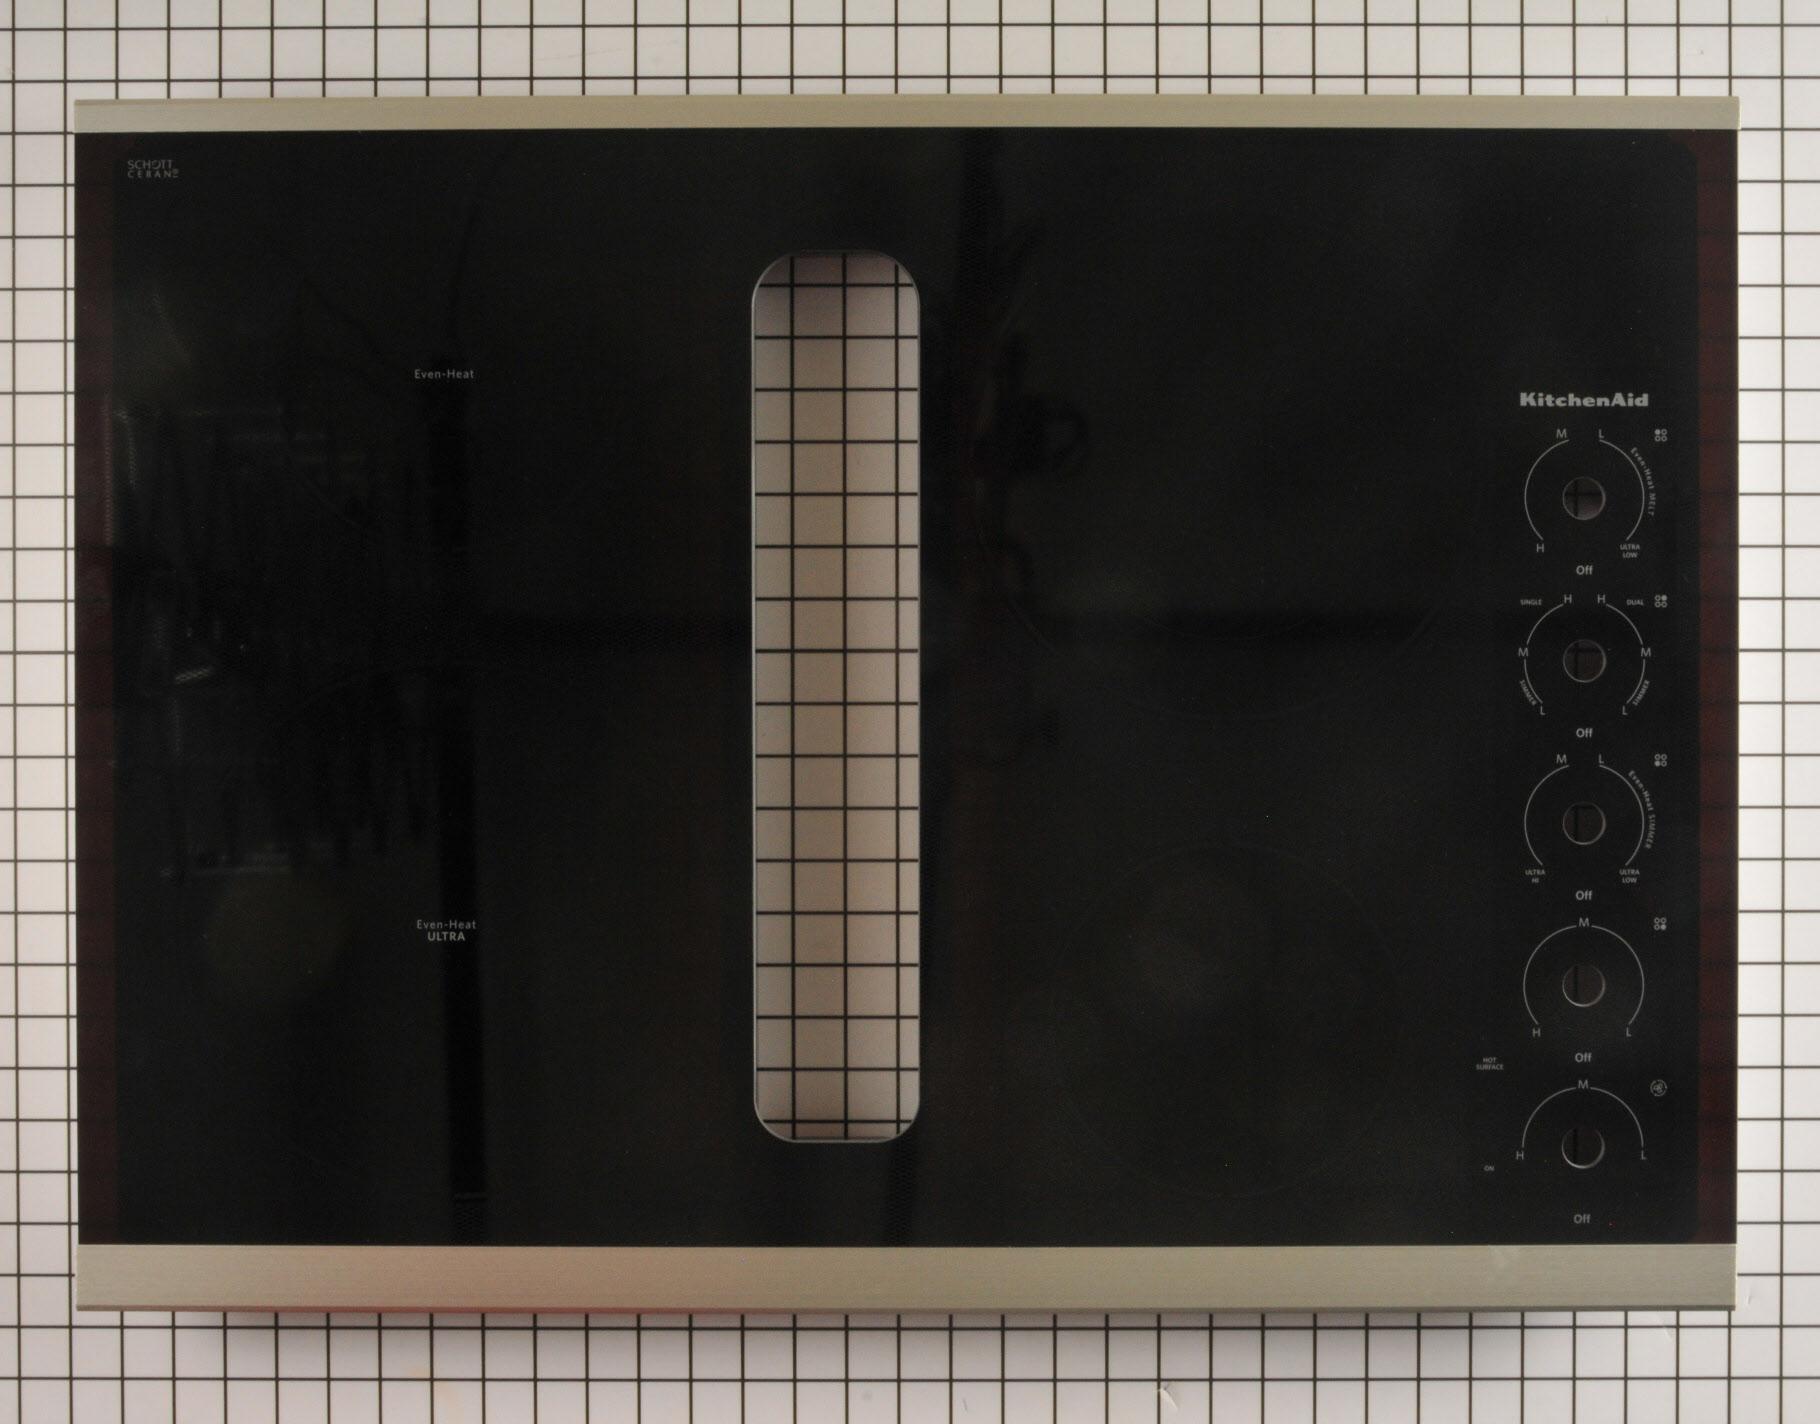 KitchenAid Range/Stove/Oven Part # W11051485 - Glass Main Top